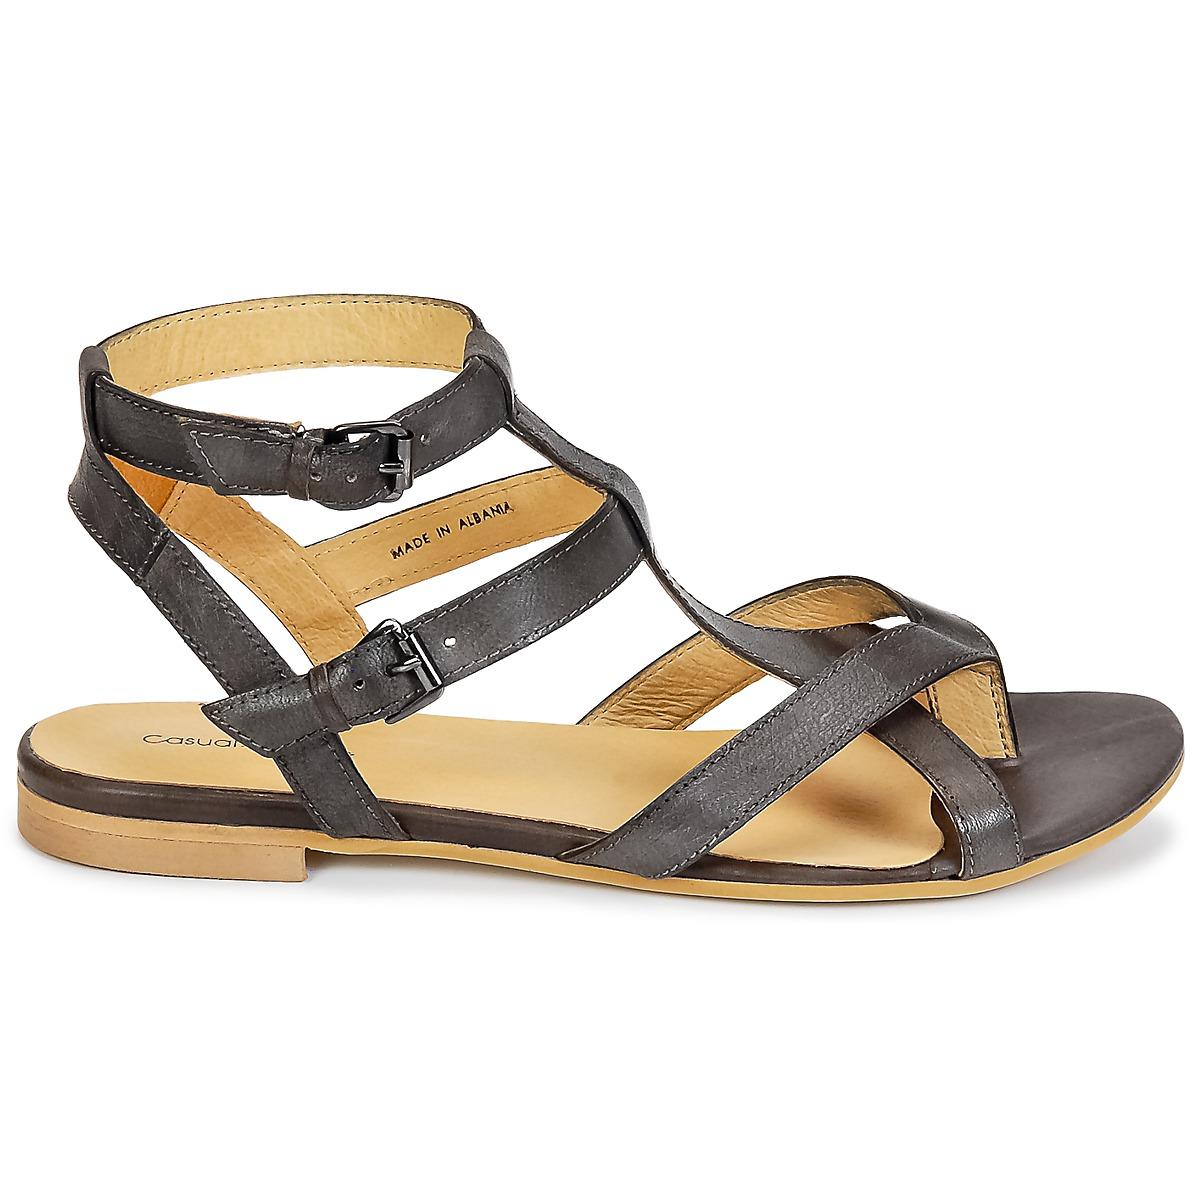 b71bd9ba1558 Hnědé sandály značky Casual Attitude se budou dobře vyjímat ve vaší sbírce  letních bot. Perfektní sloučení svršku z kůže a podrážky ze syntetiky  vidíme u ...